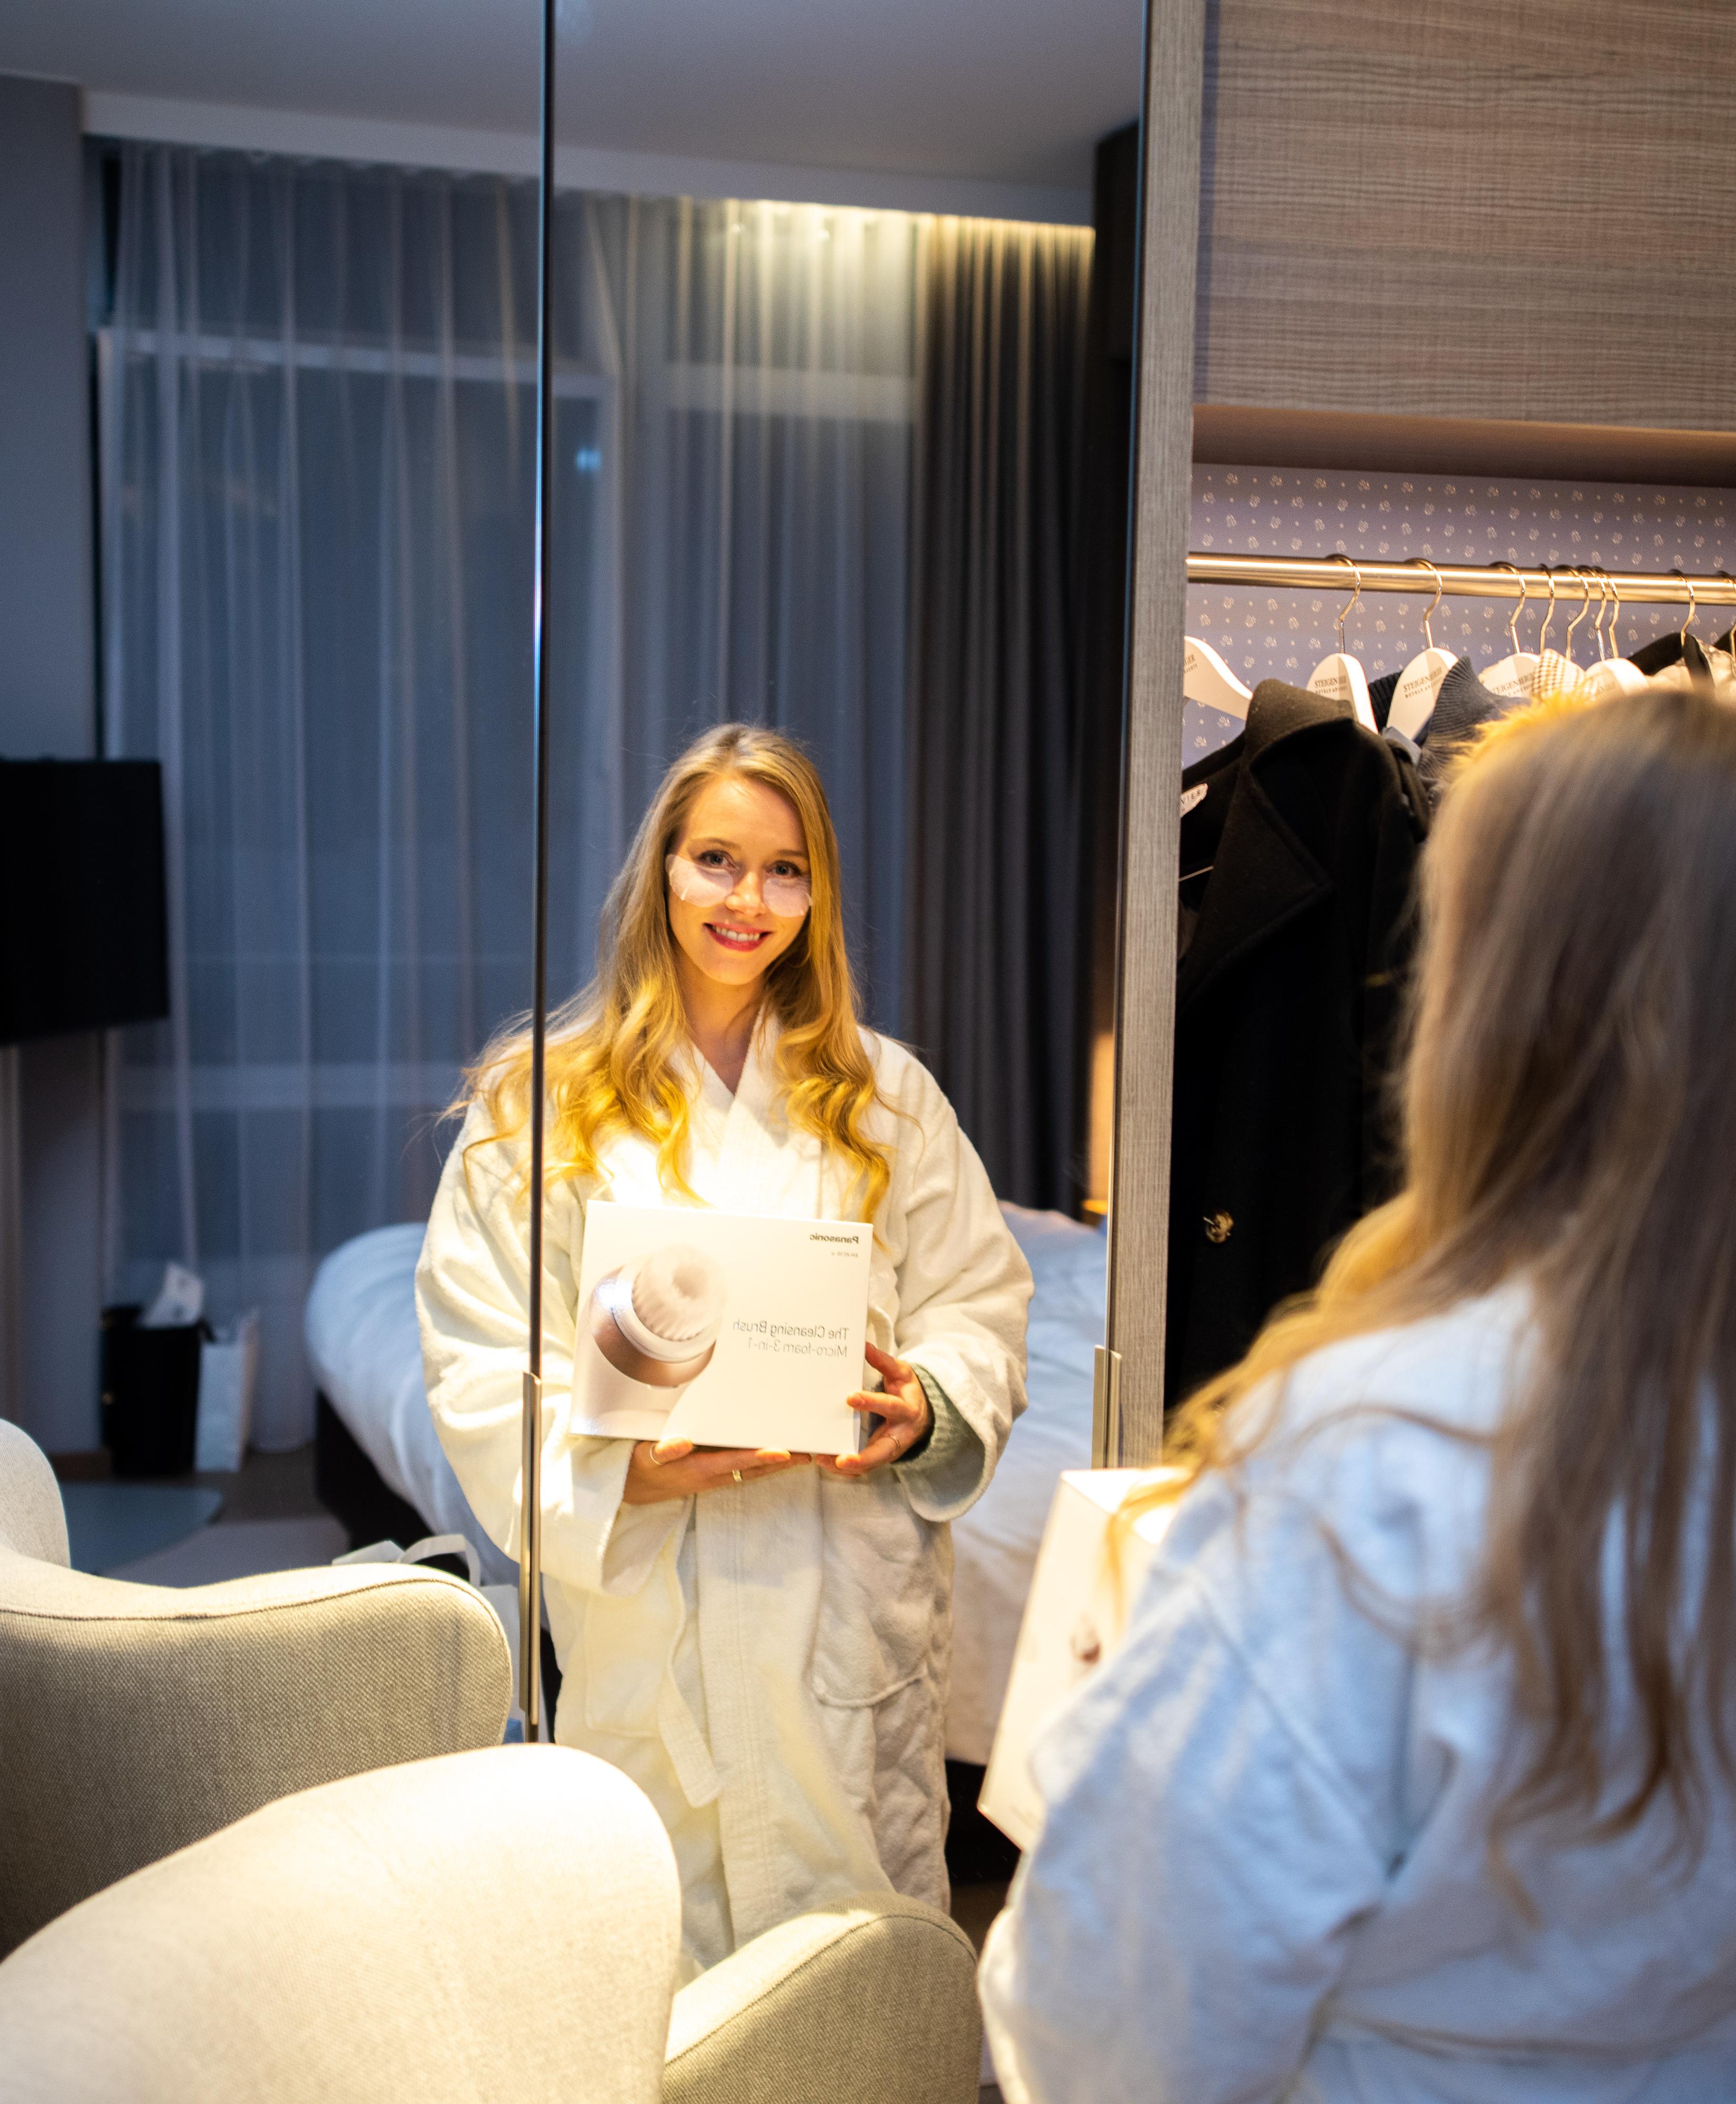 Frühlingshafte Beauty Highlights auf der Fashiondeluxxe Beauty Night - Edition Spring Mood im Steigenberger Hotel München, Gesichtsbürste von Panasonic im Bademantel ausprobieren